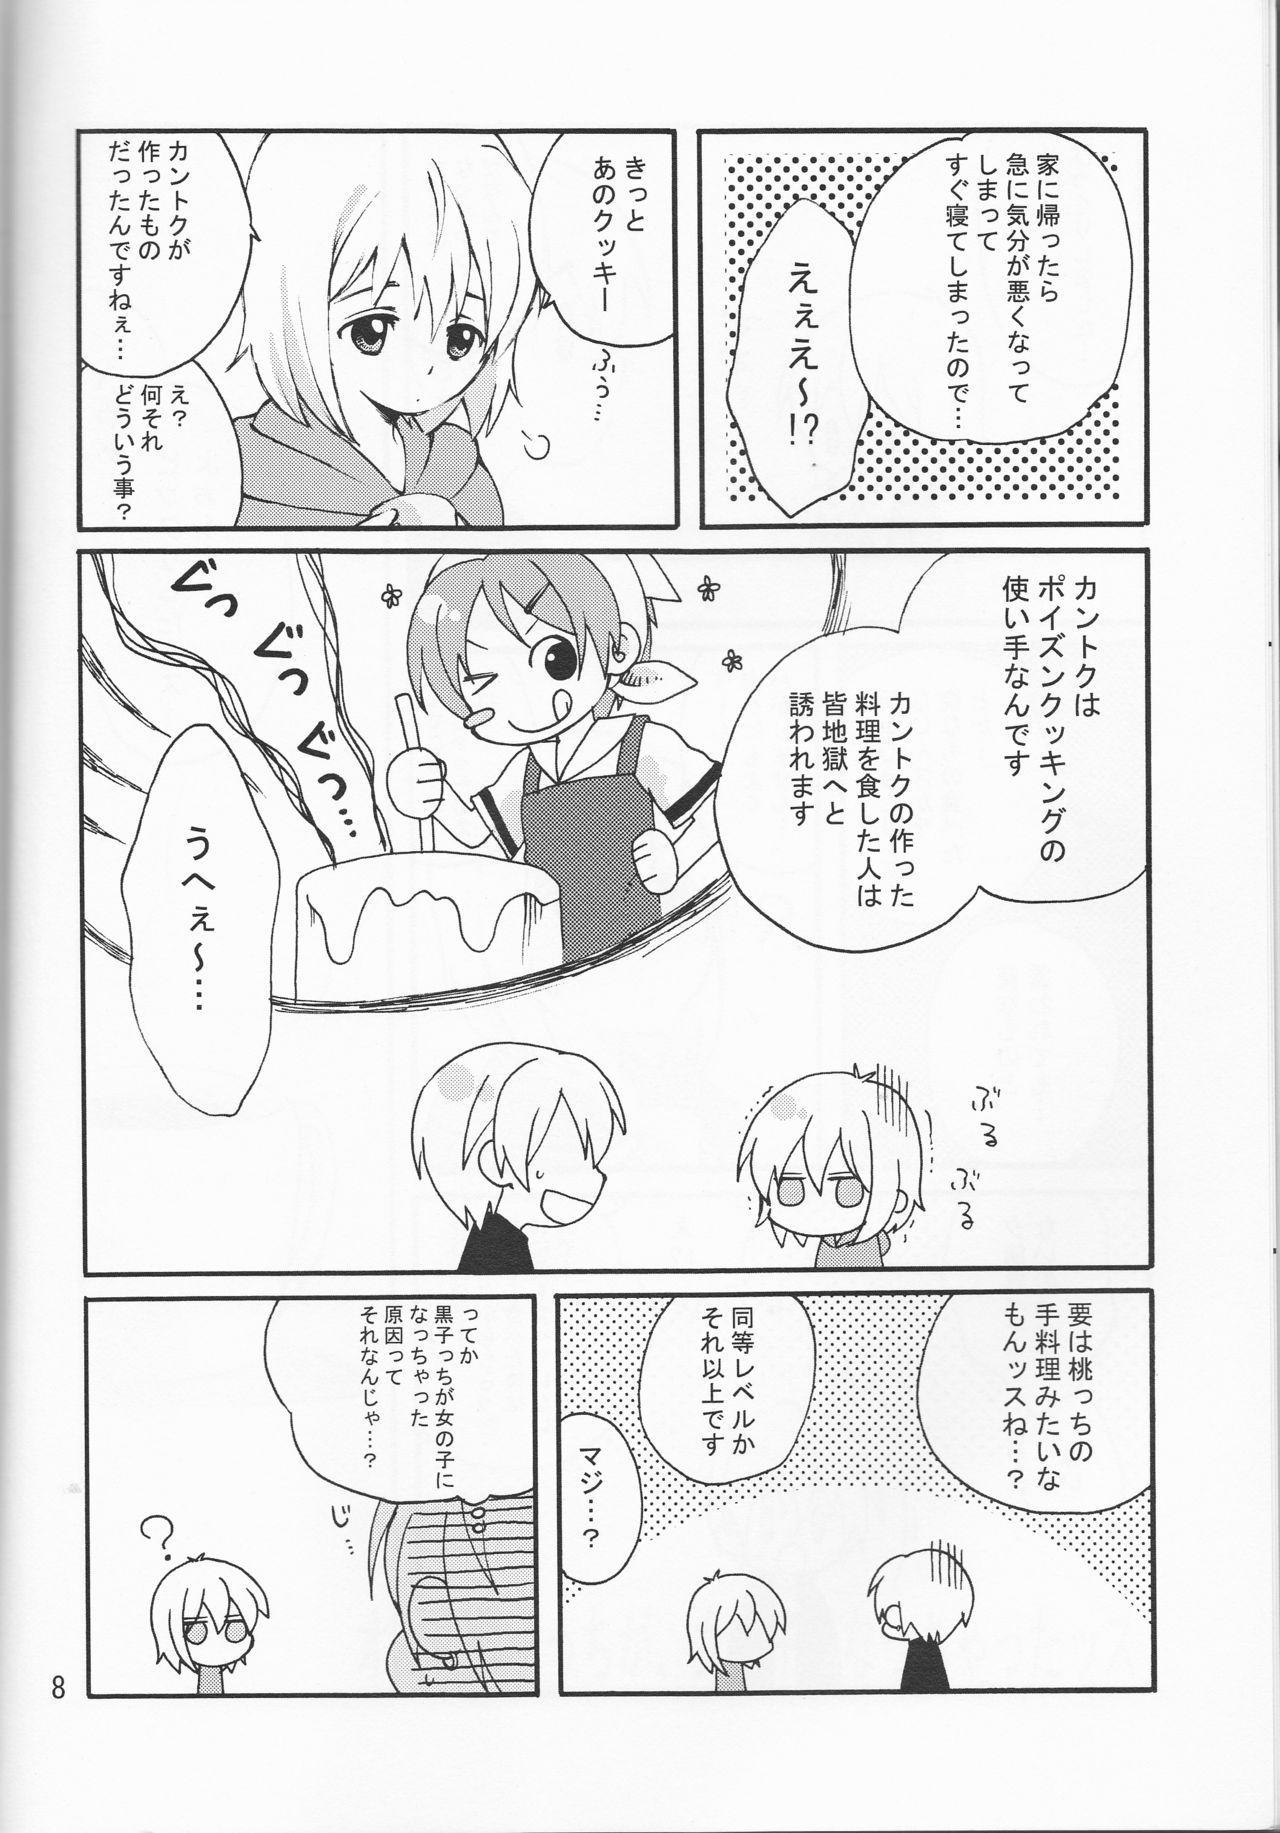 Ore no Kurokocchi ga Onnanoko ni Nacchattassu! 7